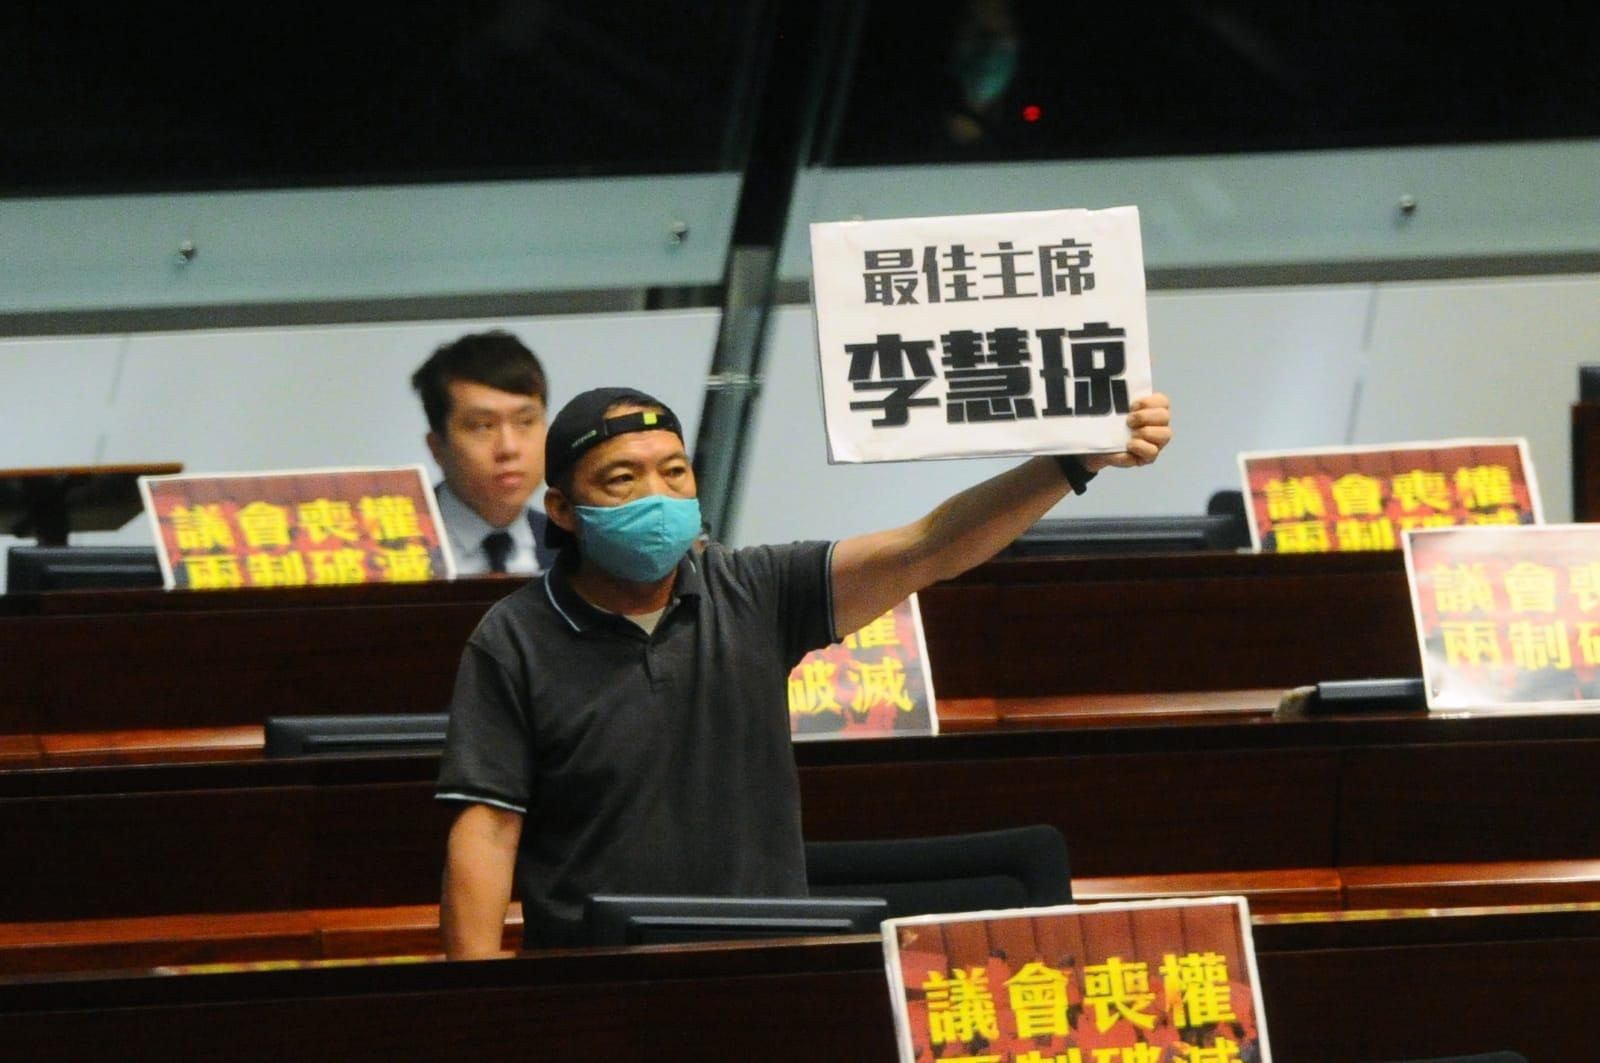 今日(5月28日),香港立法會會議延續。朱凱迪議員在立法會自己的桌面上放置了一個「最佳主席李慧琼」標語,今日立法會主席梁君彥表示是在以「反諷」形式繼續冒犯李慧琼。對此,胡志偉議員(見圖)質疑,立法會主席梁君彥是否擁有讀心術?(宋碧龍/大紀元)